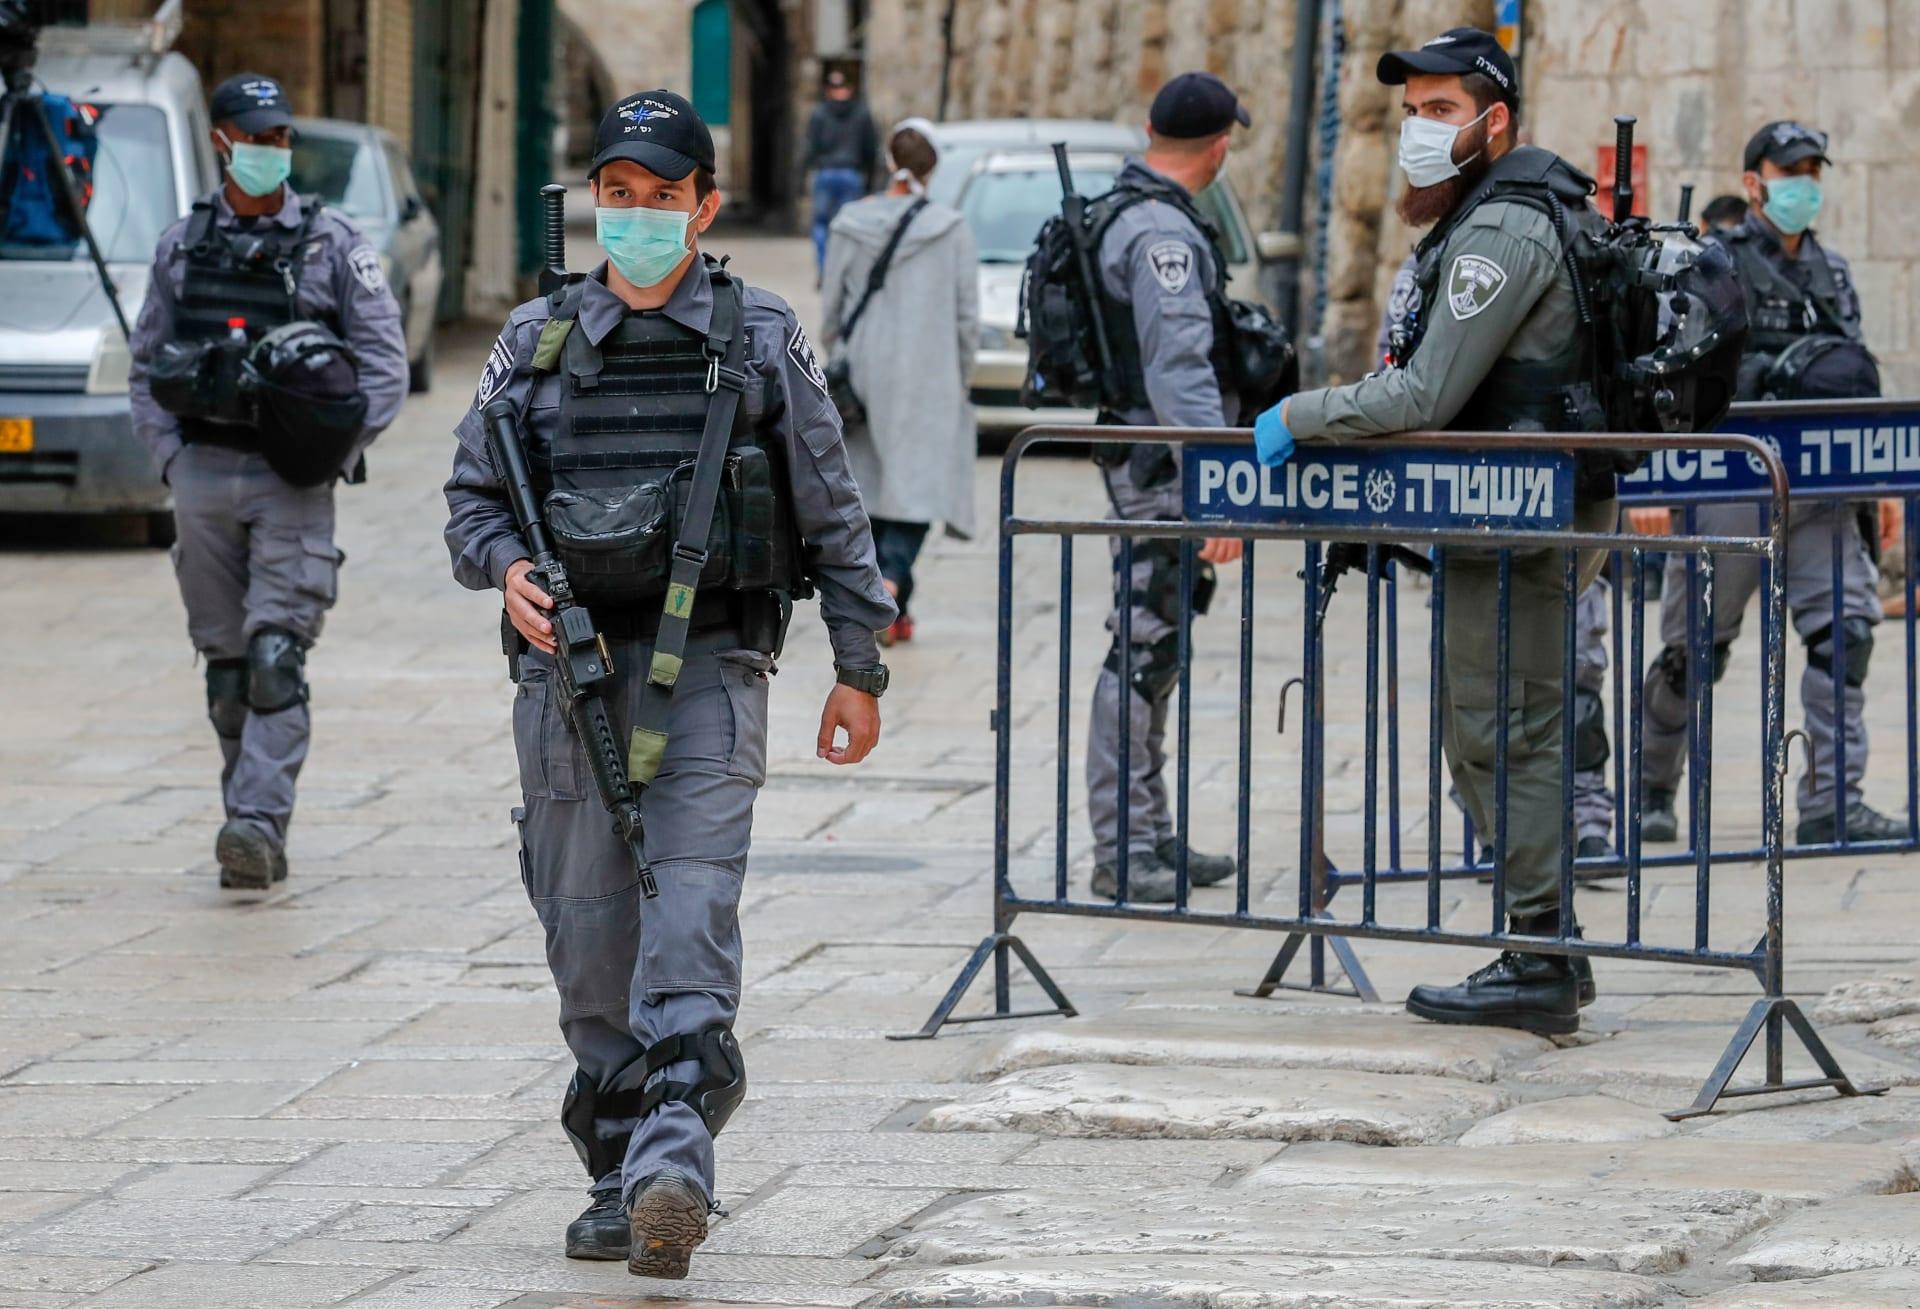 بعد اعتقال كممجي ونفيعات...إلغاء الطوارئ في إسرائيل!